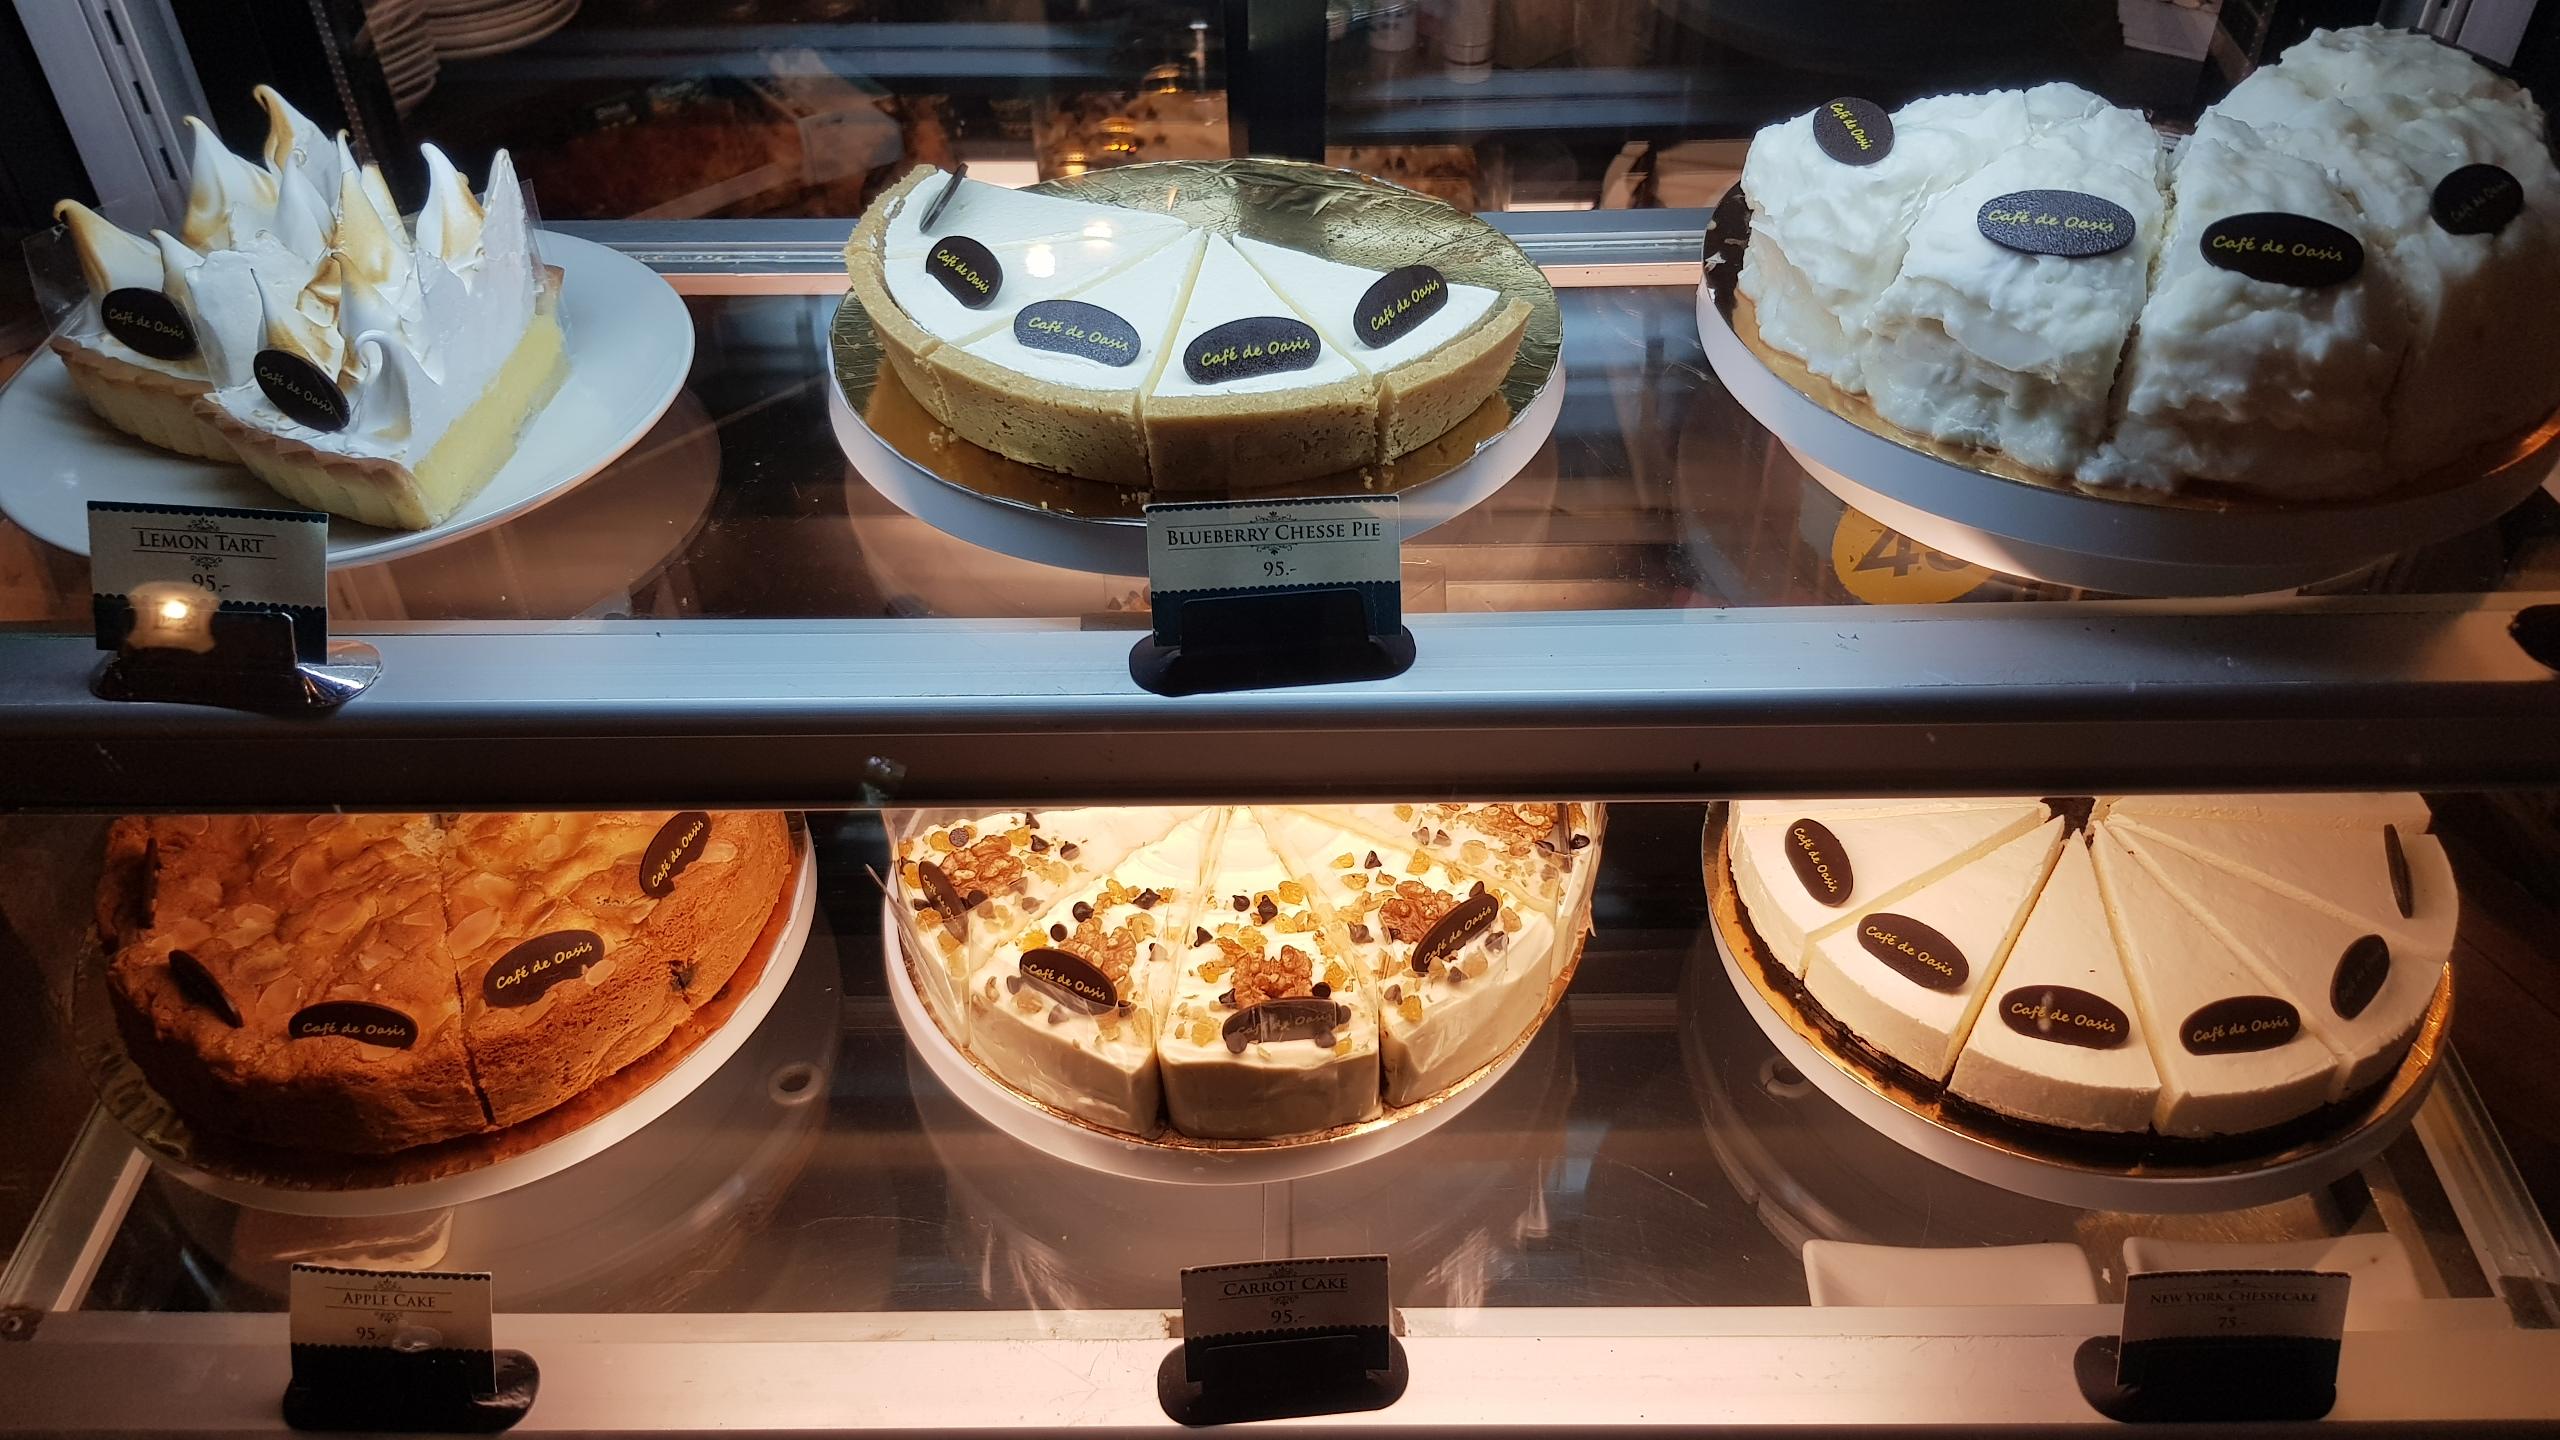 เค๊กอร่อยๆ เนื้อเนียนนุ่ม @ Cafe de Oasis เชียงใหม่